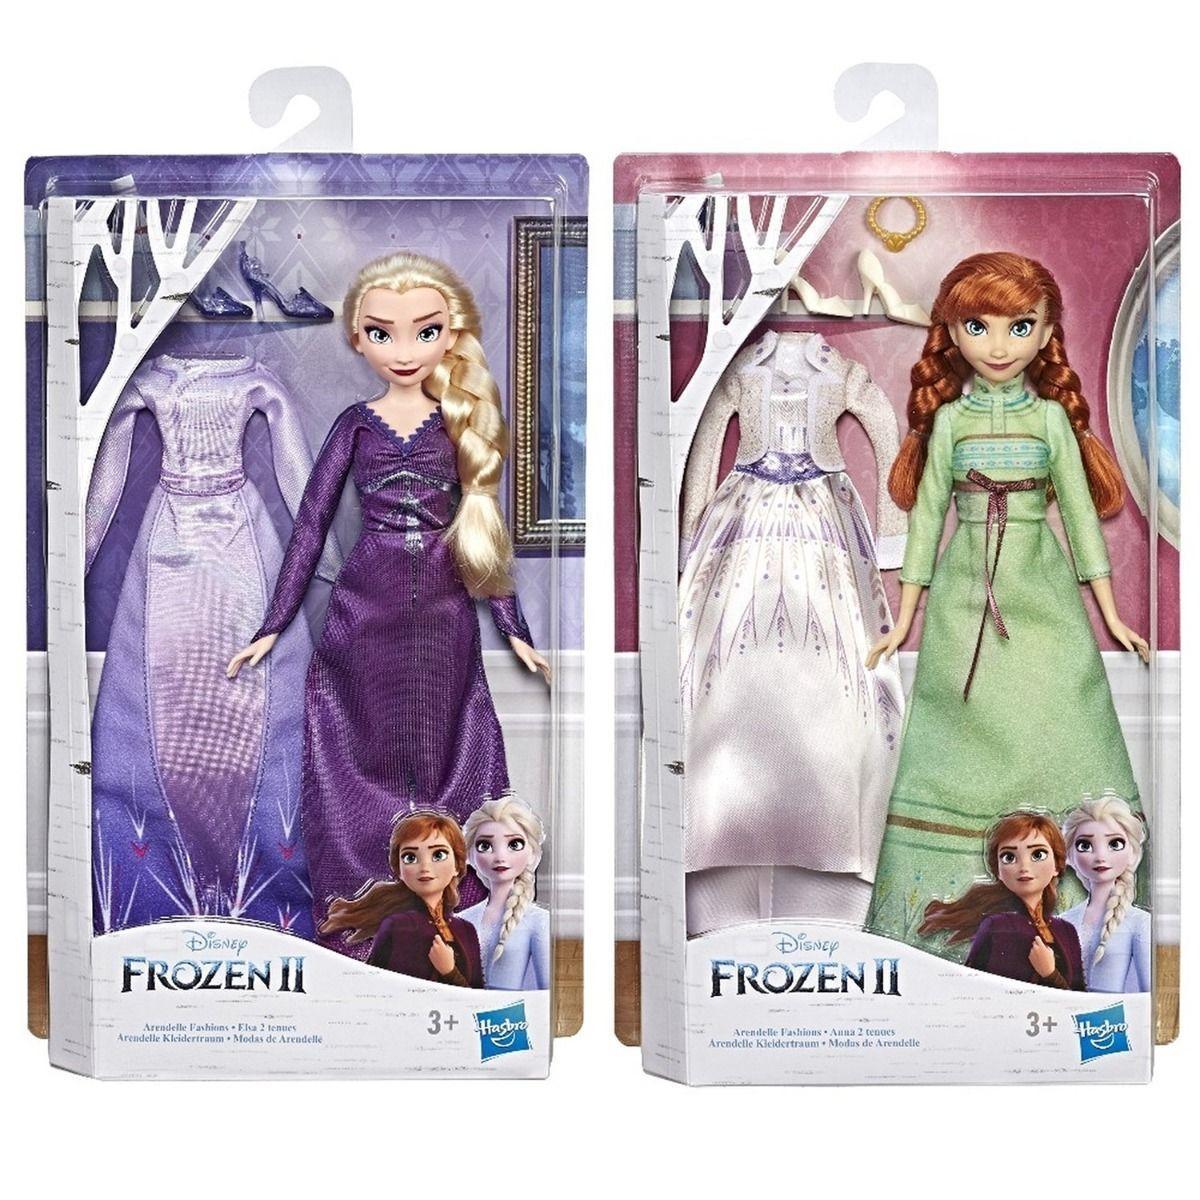 Кукла Холодное сердце 2 Disney Frozen с дополнительными нарядами - фото 8